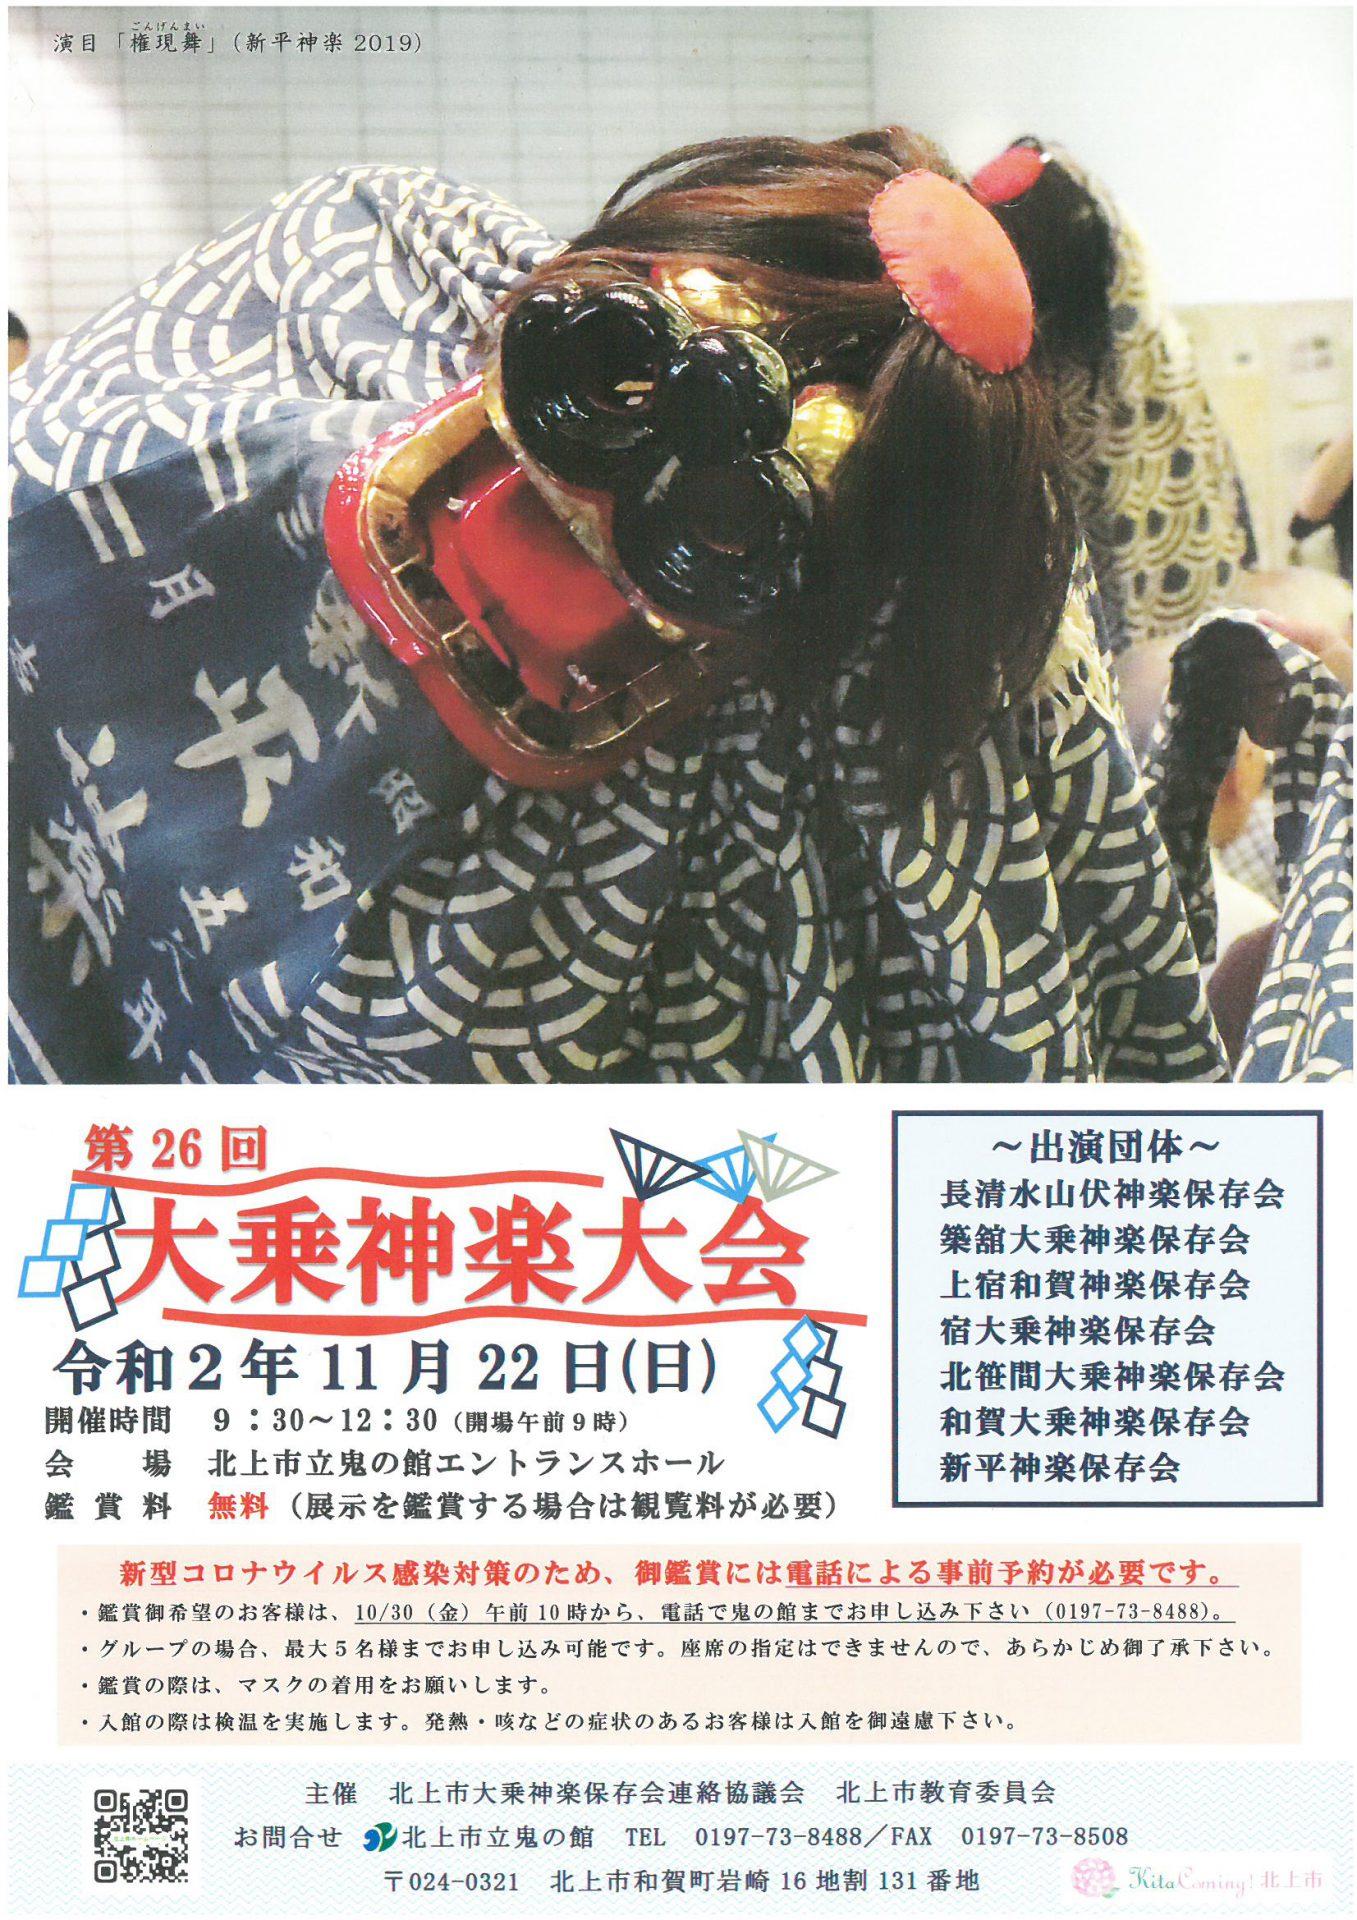 新型コロナウイルス感染症の影響により、6月から開催を延期しておりました「第26回 大乗神楽大会」を開催いたします。 ...